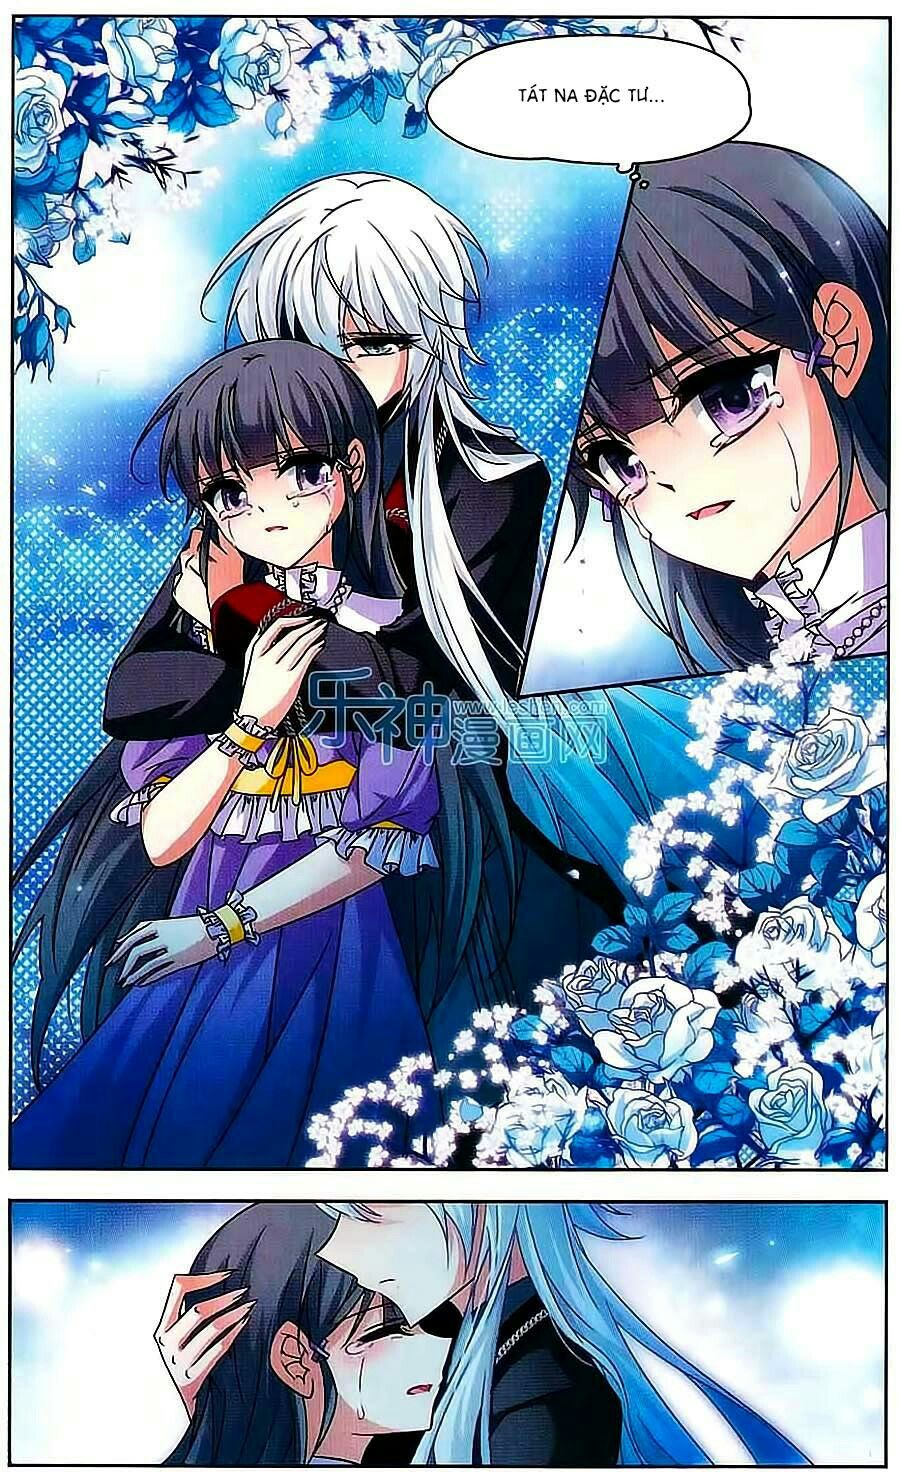 Ghim của Ricca Ozona trên Manhua Manga anime